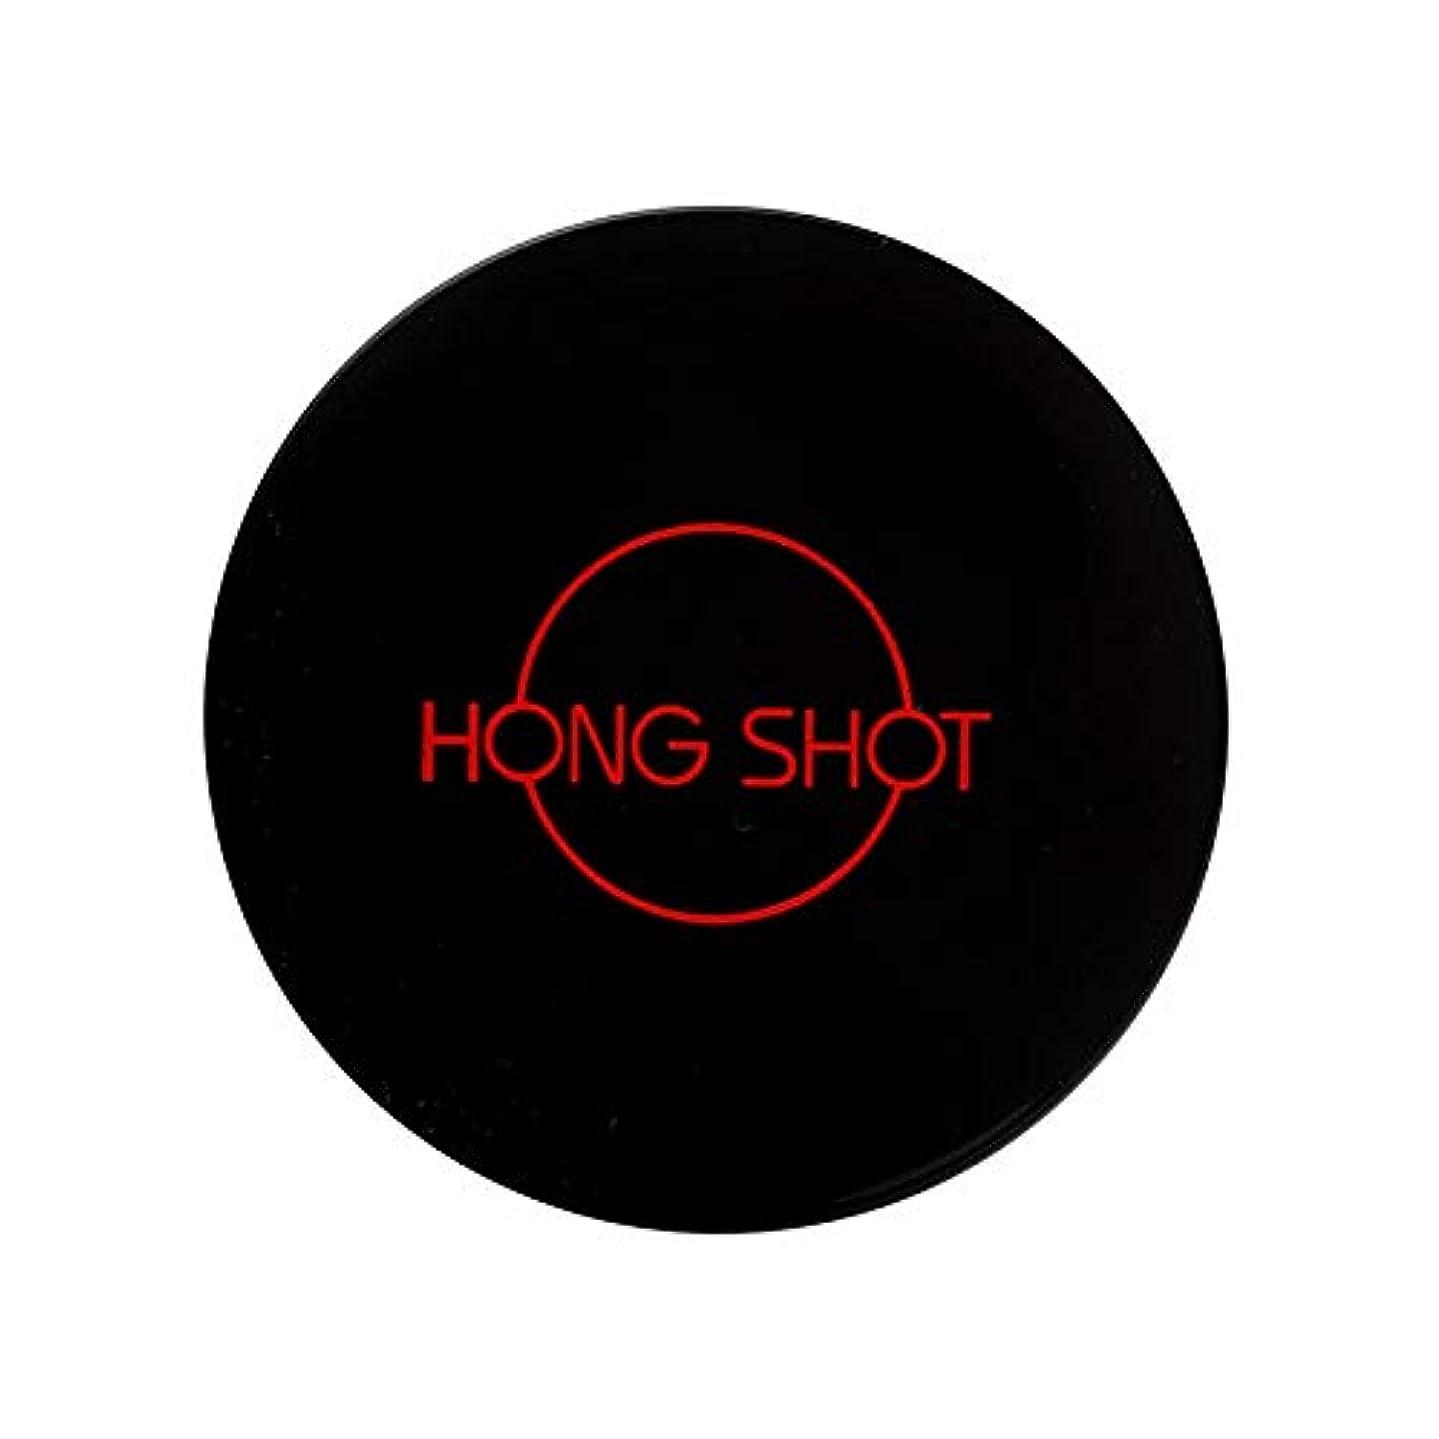 調整する振動する系統的[HONG SHOT] ホンシャトパワーラスティングコンシルファクト 16g / HONGSHOT POWER LASTING CONCEAL PACT 16g / Hongjinyoung PACT [並行輸入品] (21号)